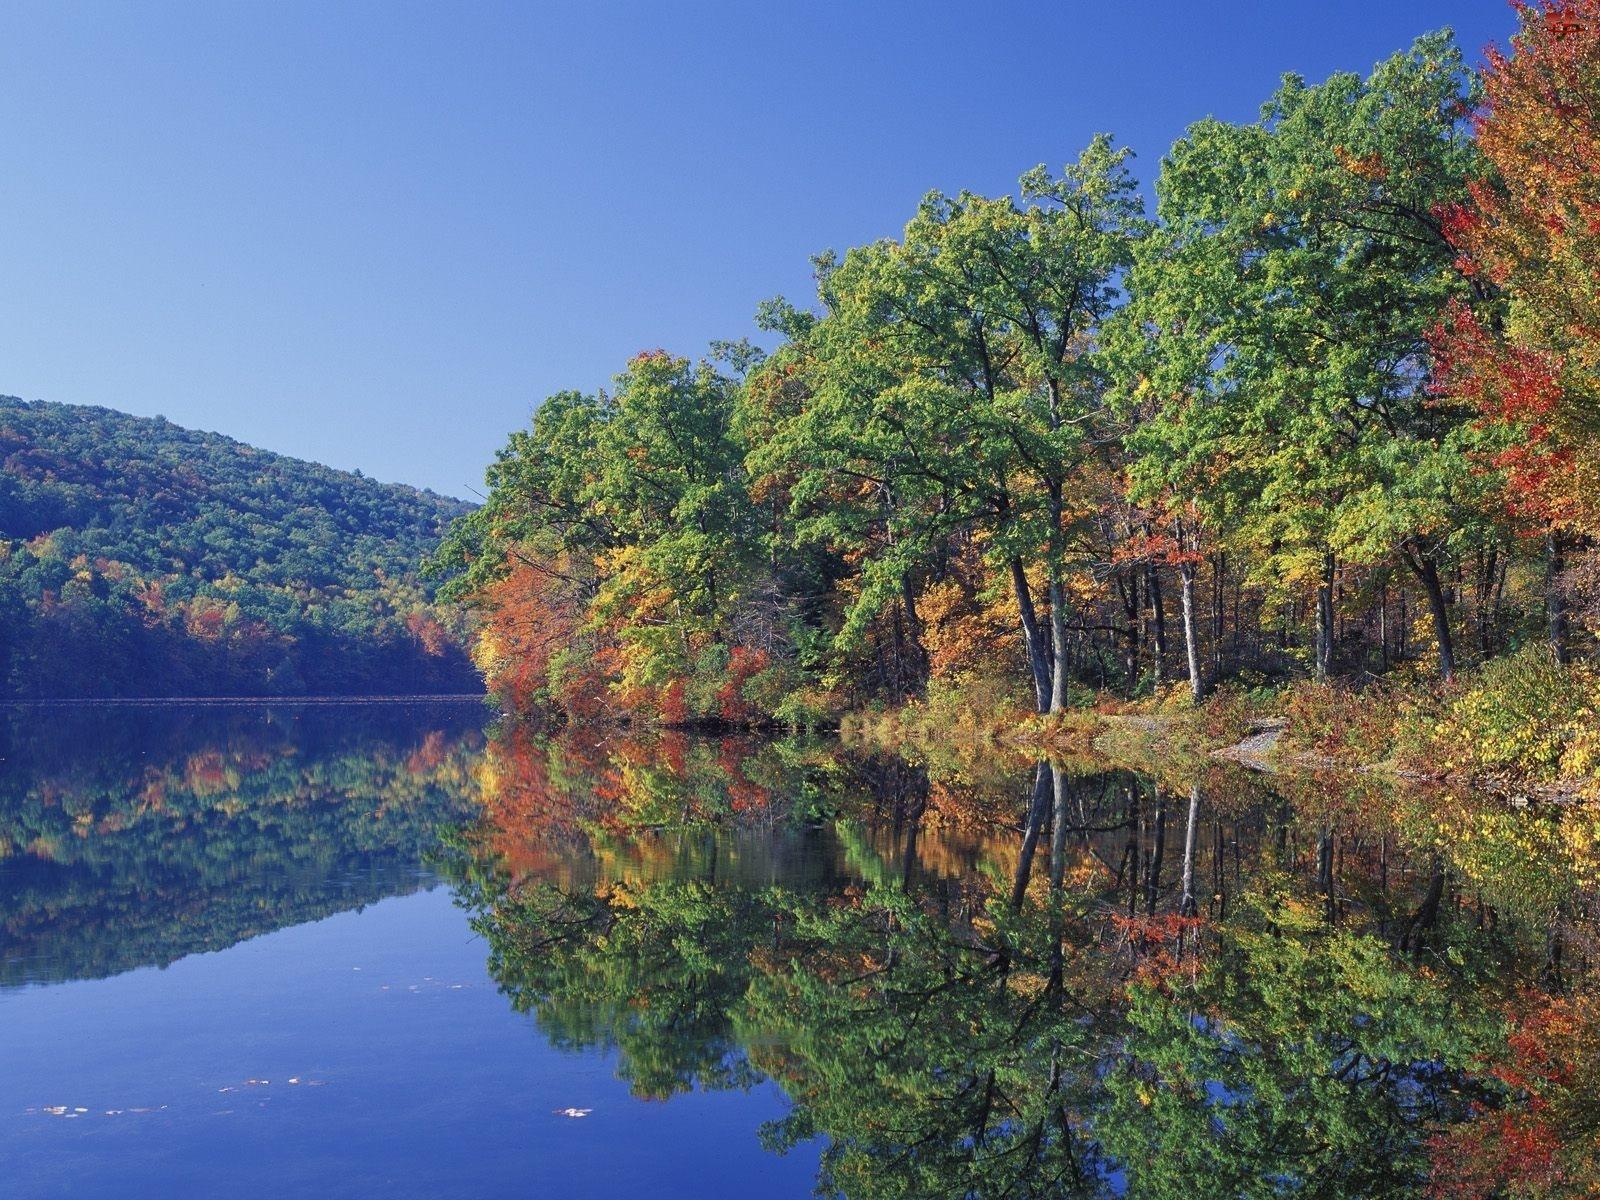 Drzewa, Jezioro, Lustrzane, Odbicie